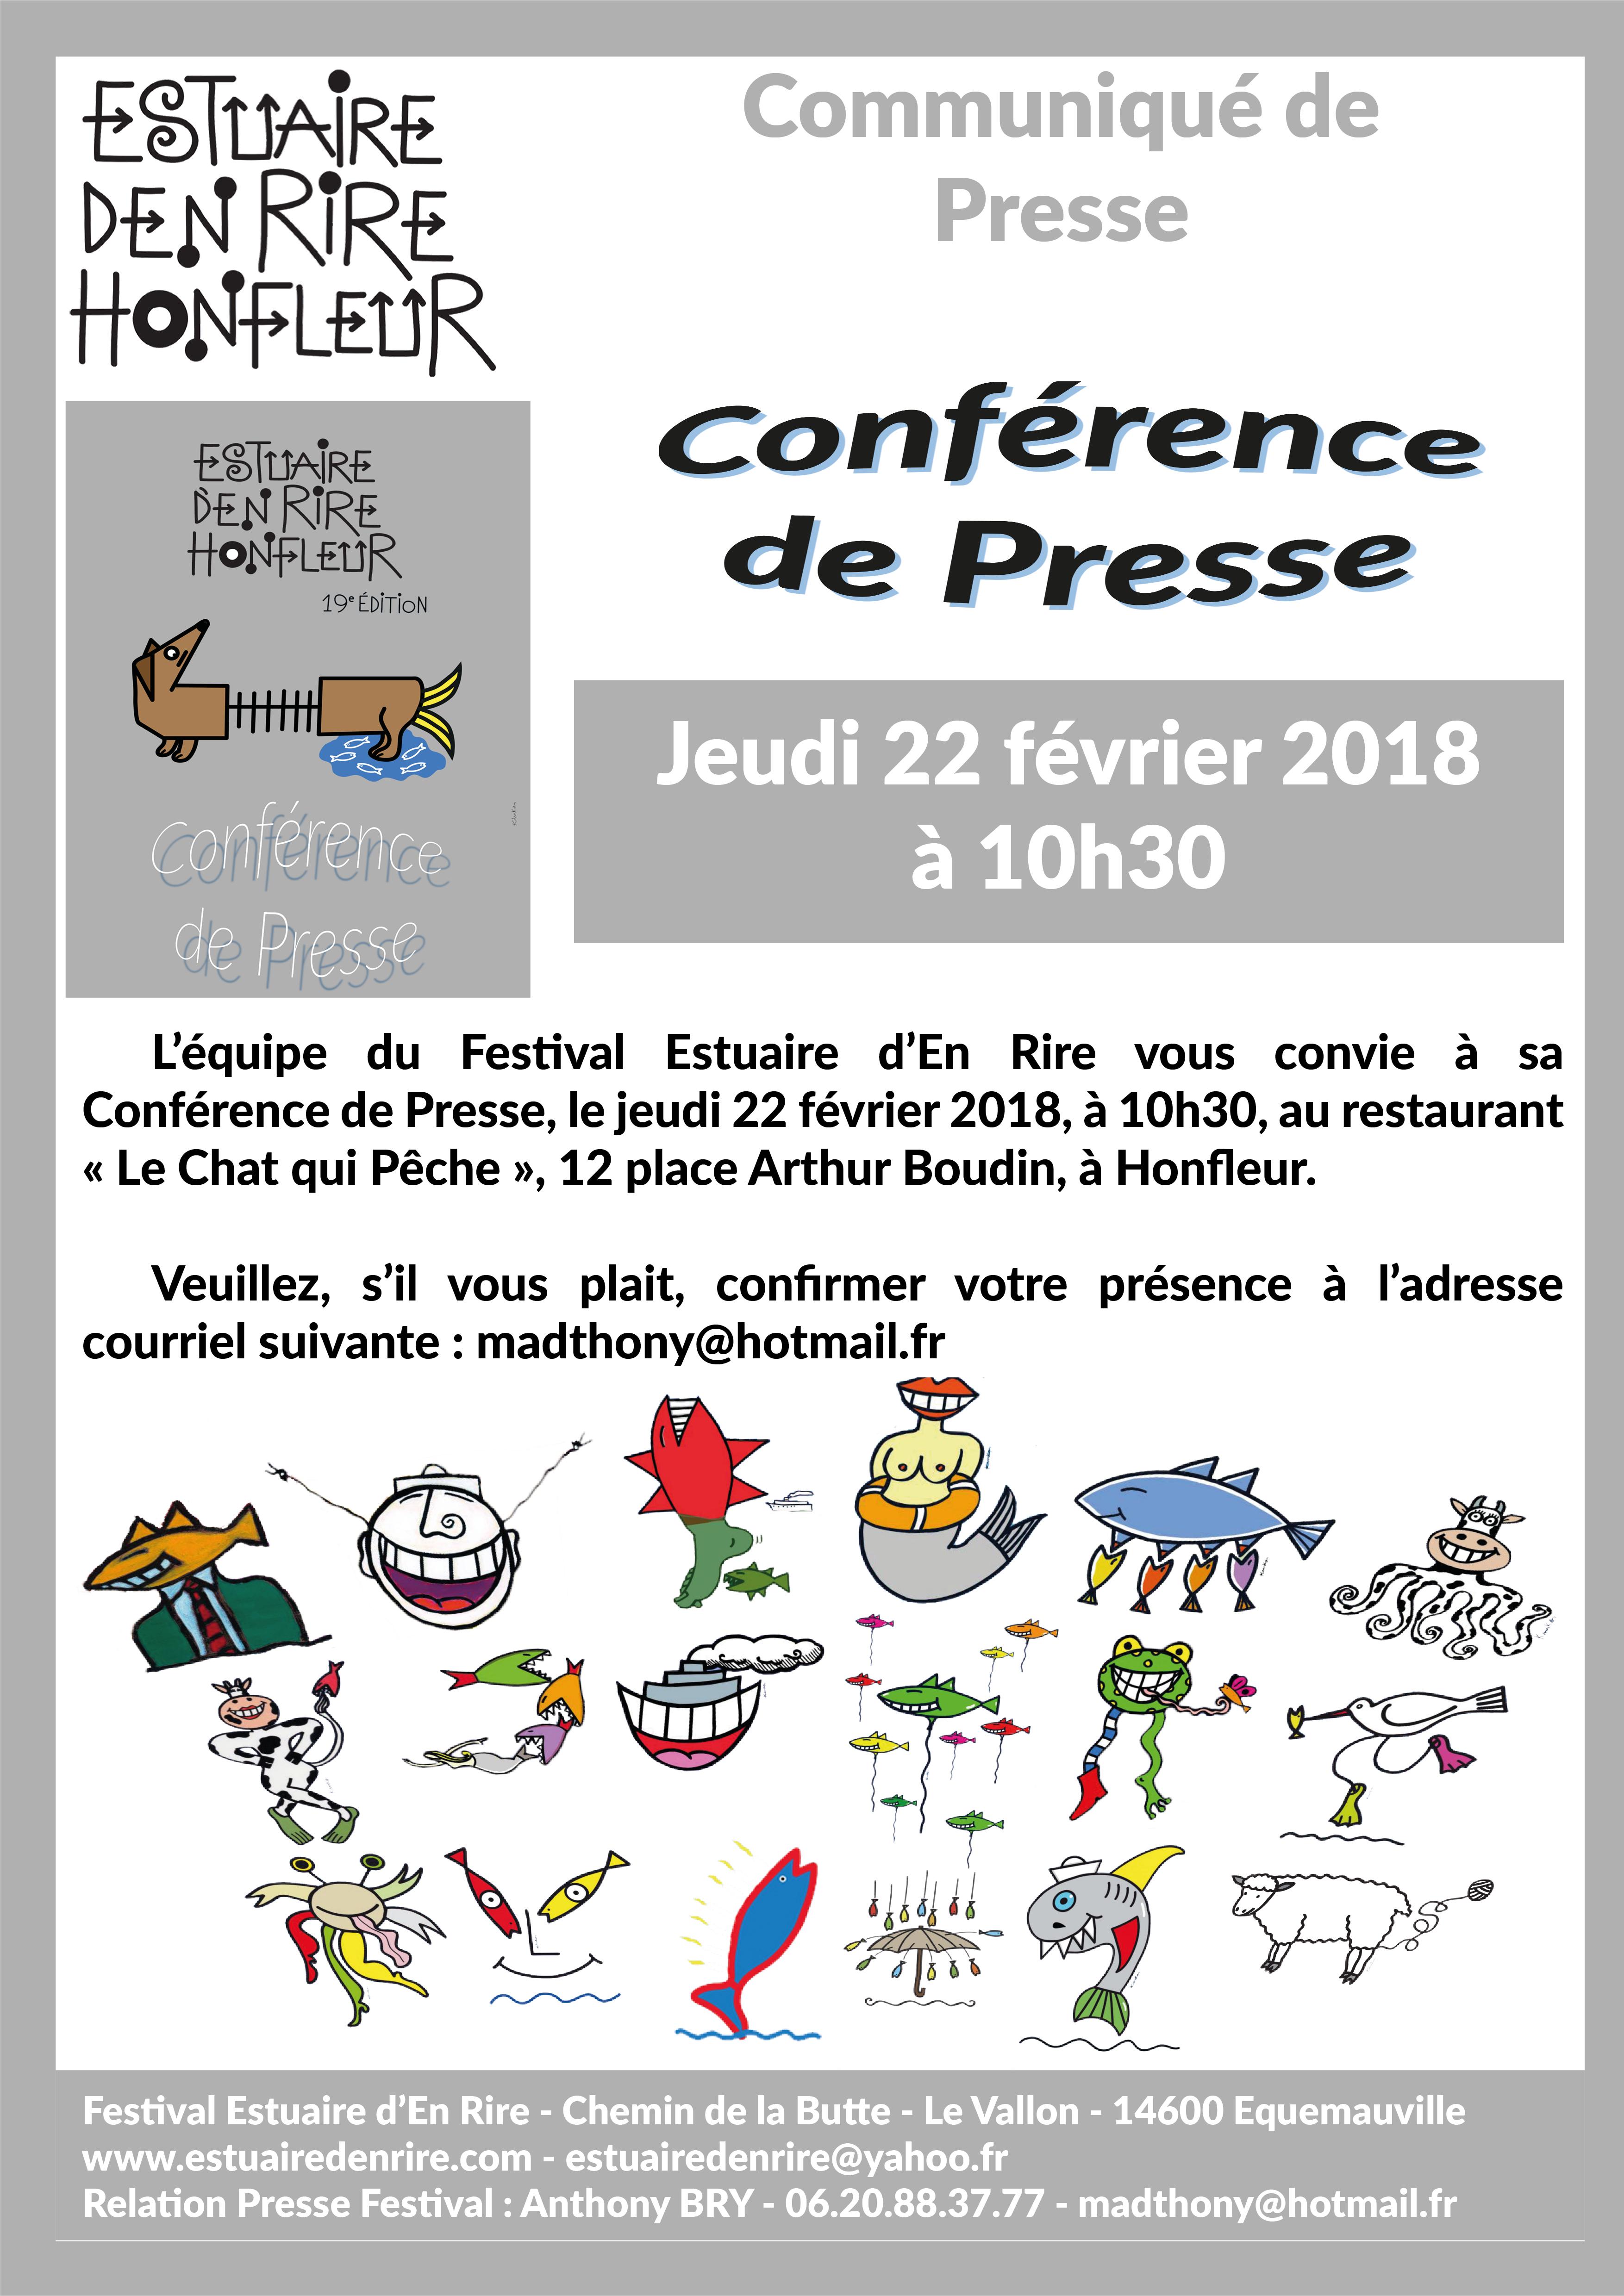 00_-_Communiqué_de_Presse_-_Conférence